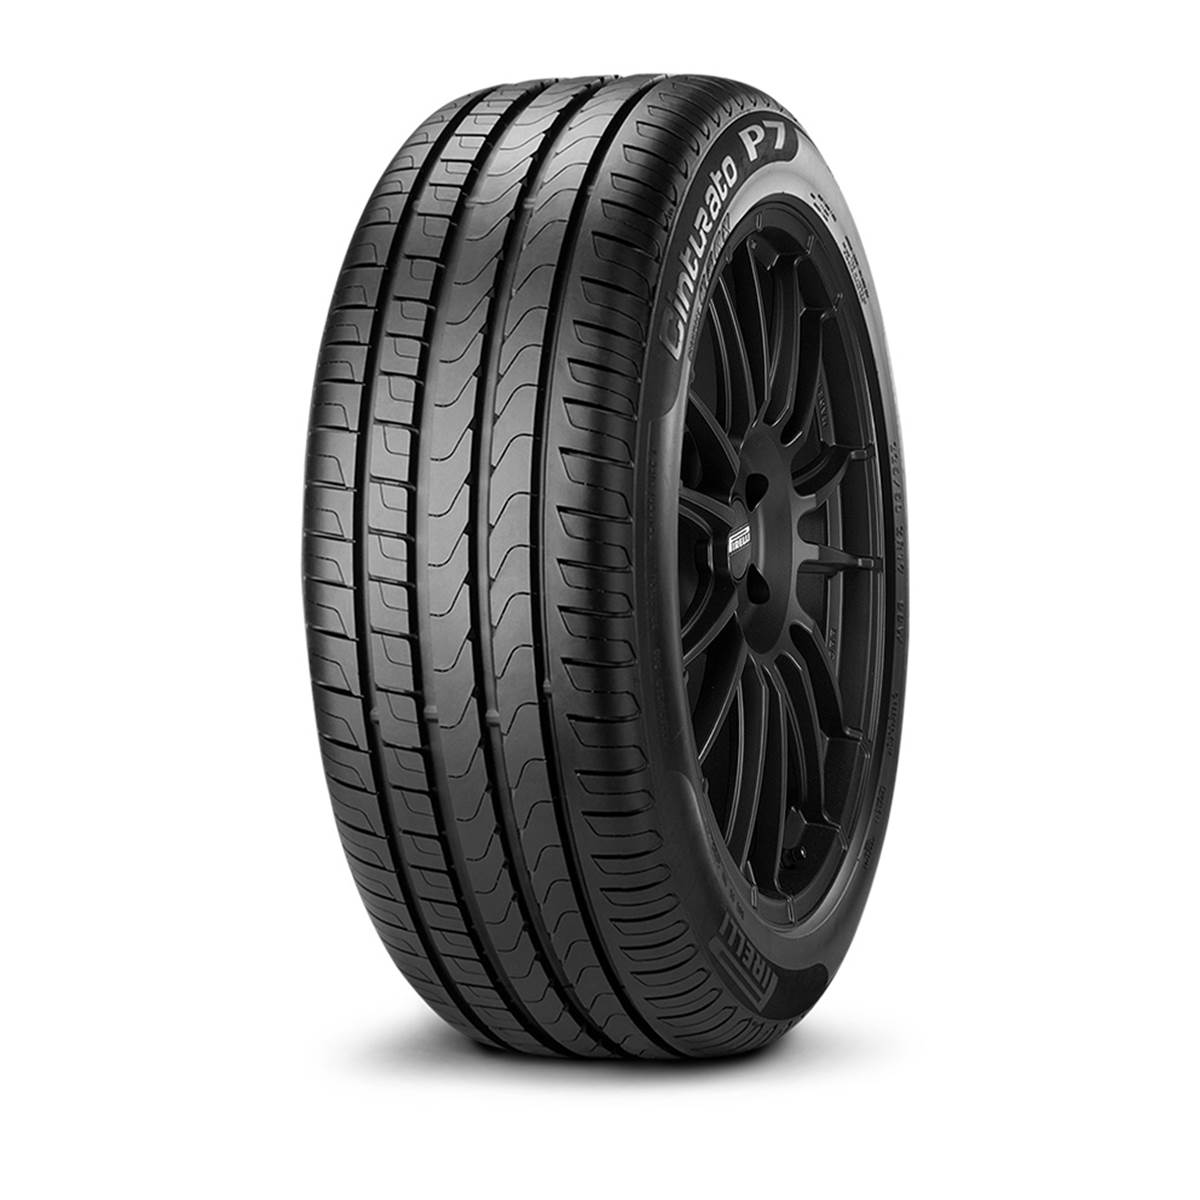 Pneu Pirelli 225/45R17 91Y Cinturato P7